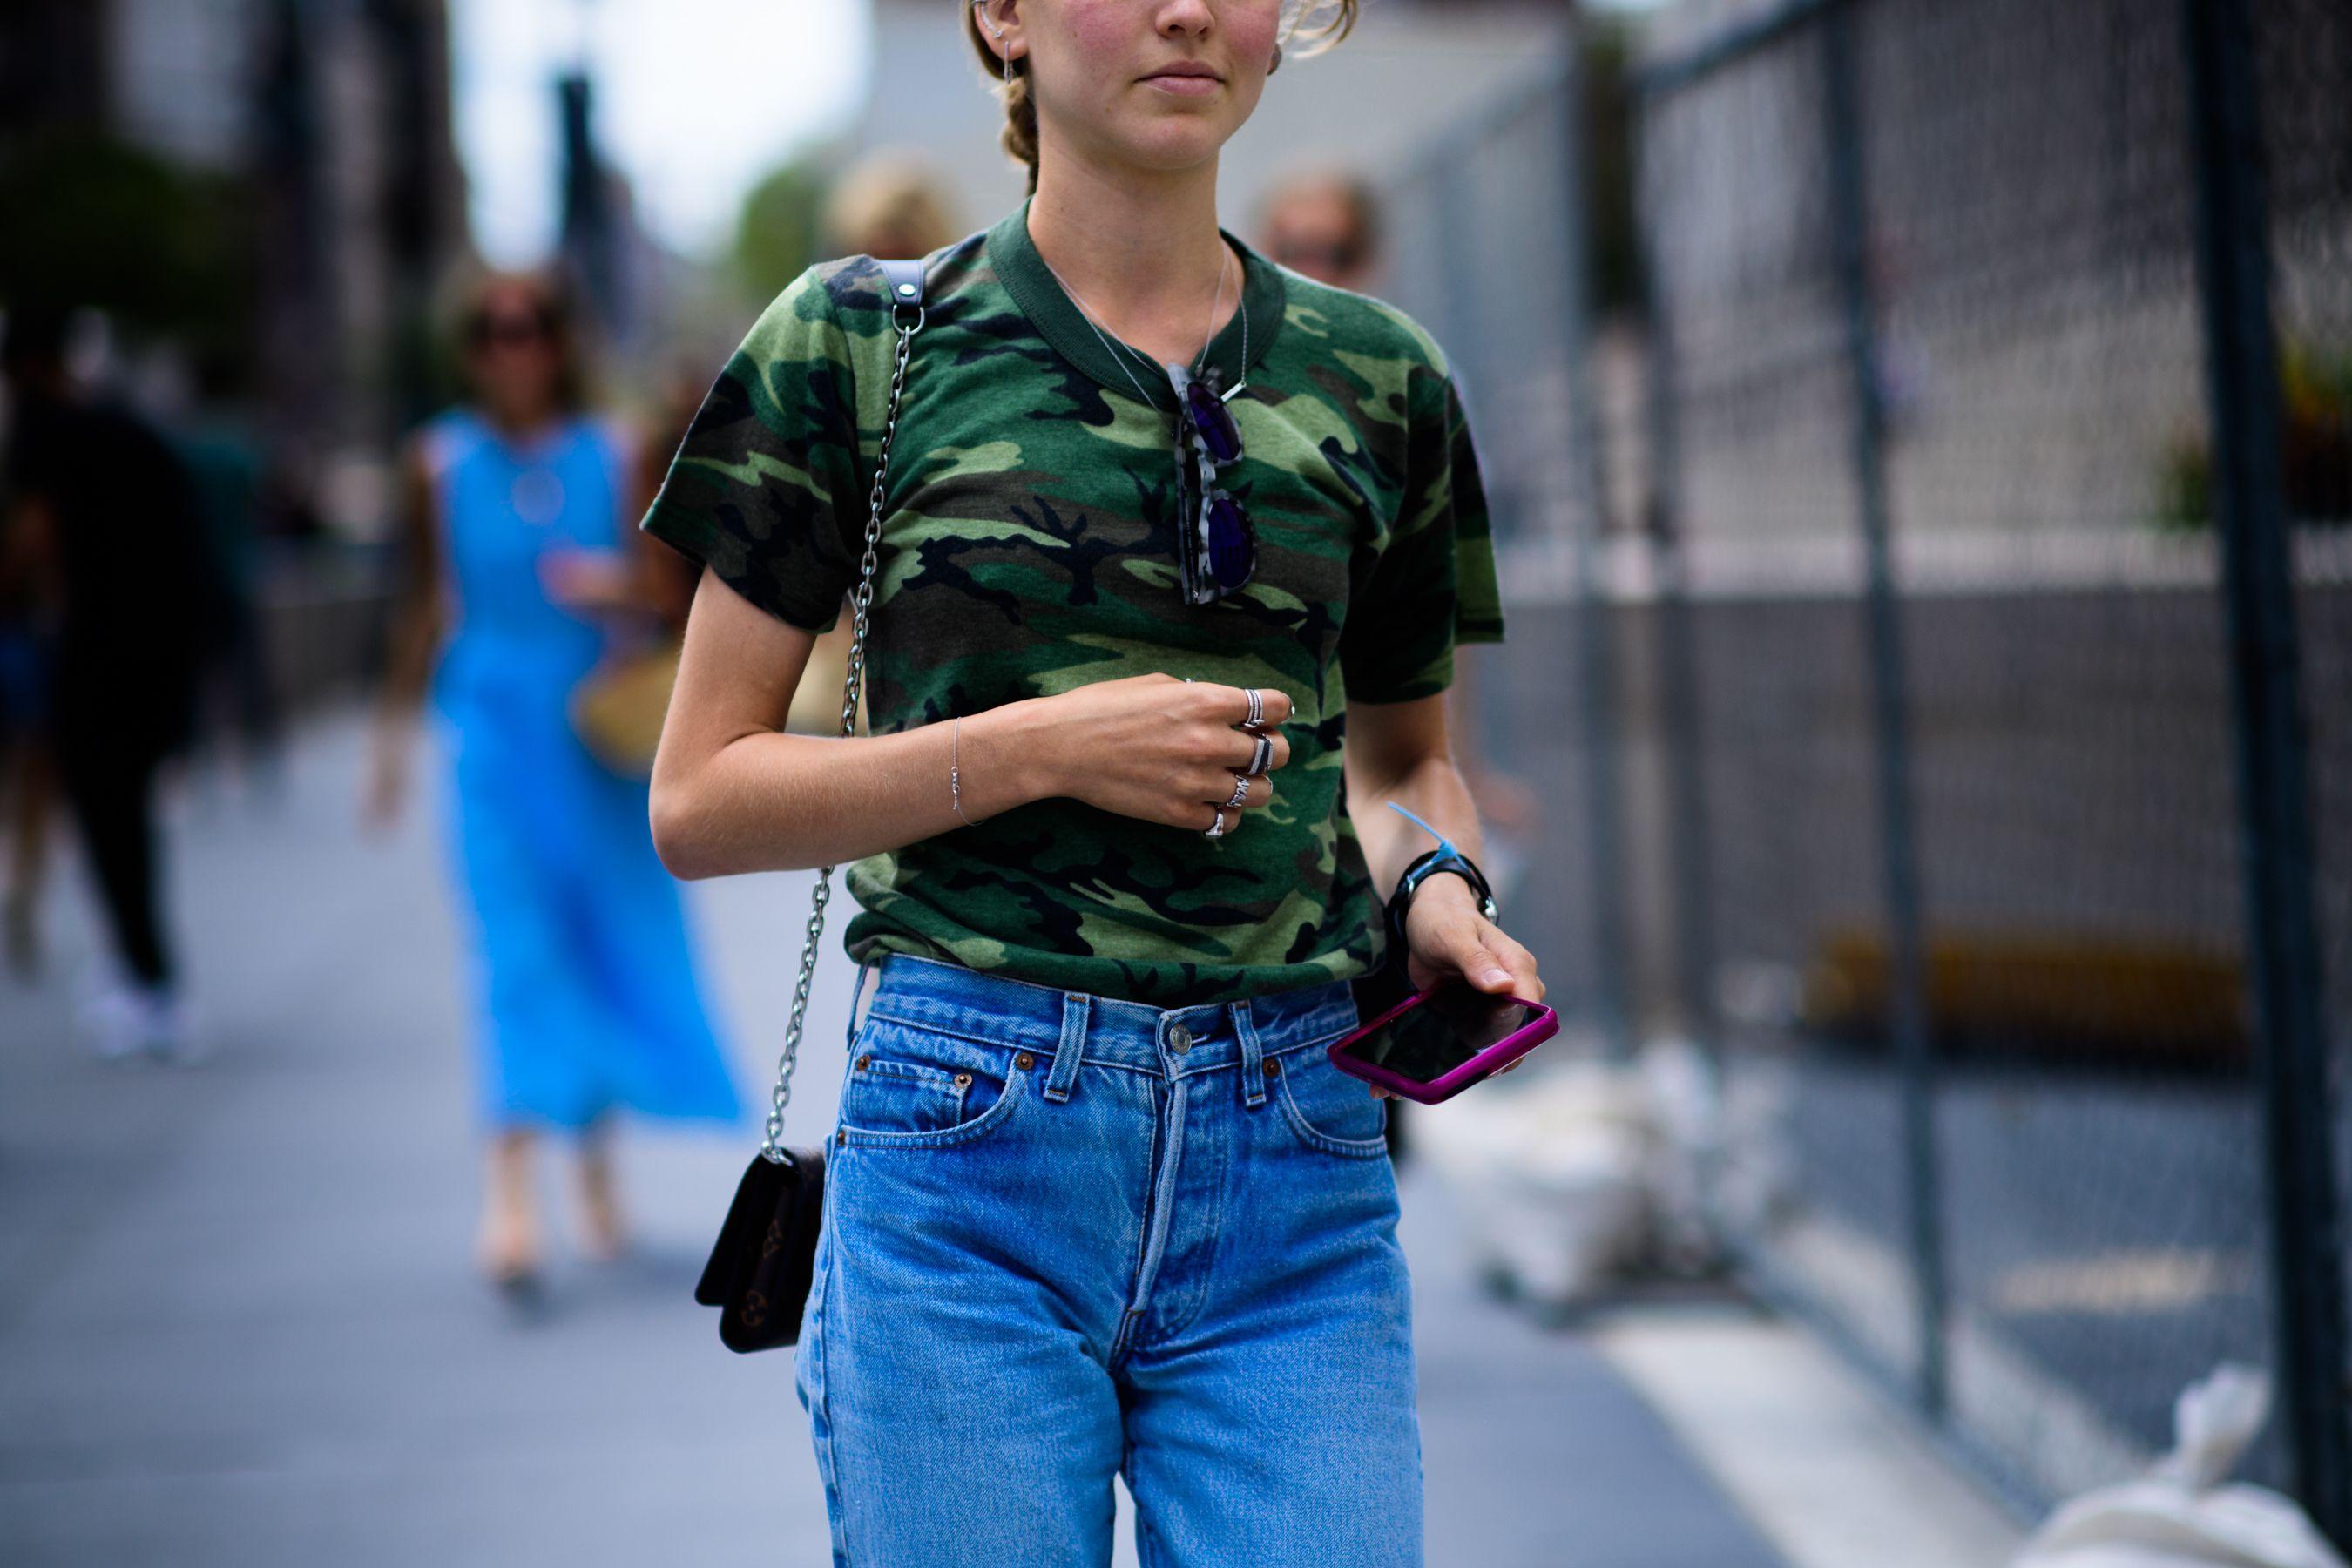 Jessica Minkoff   New York City    Found on https://le21eme.com/jessica-minkoff-new-york-city-10/